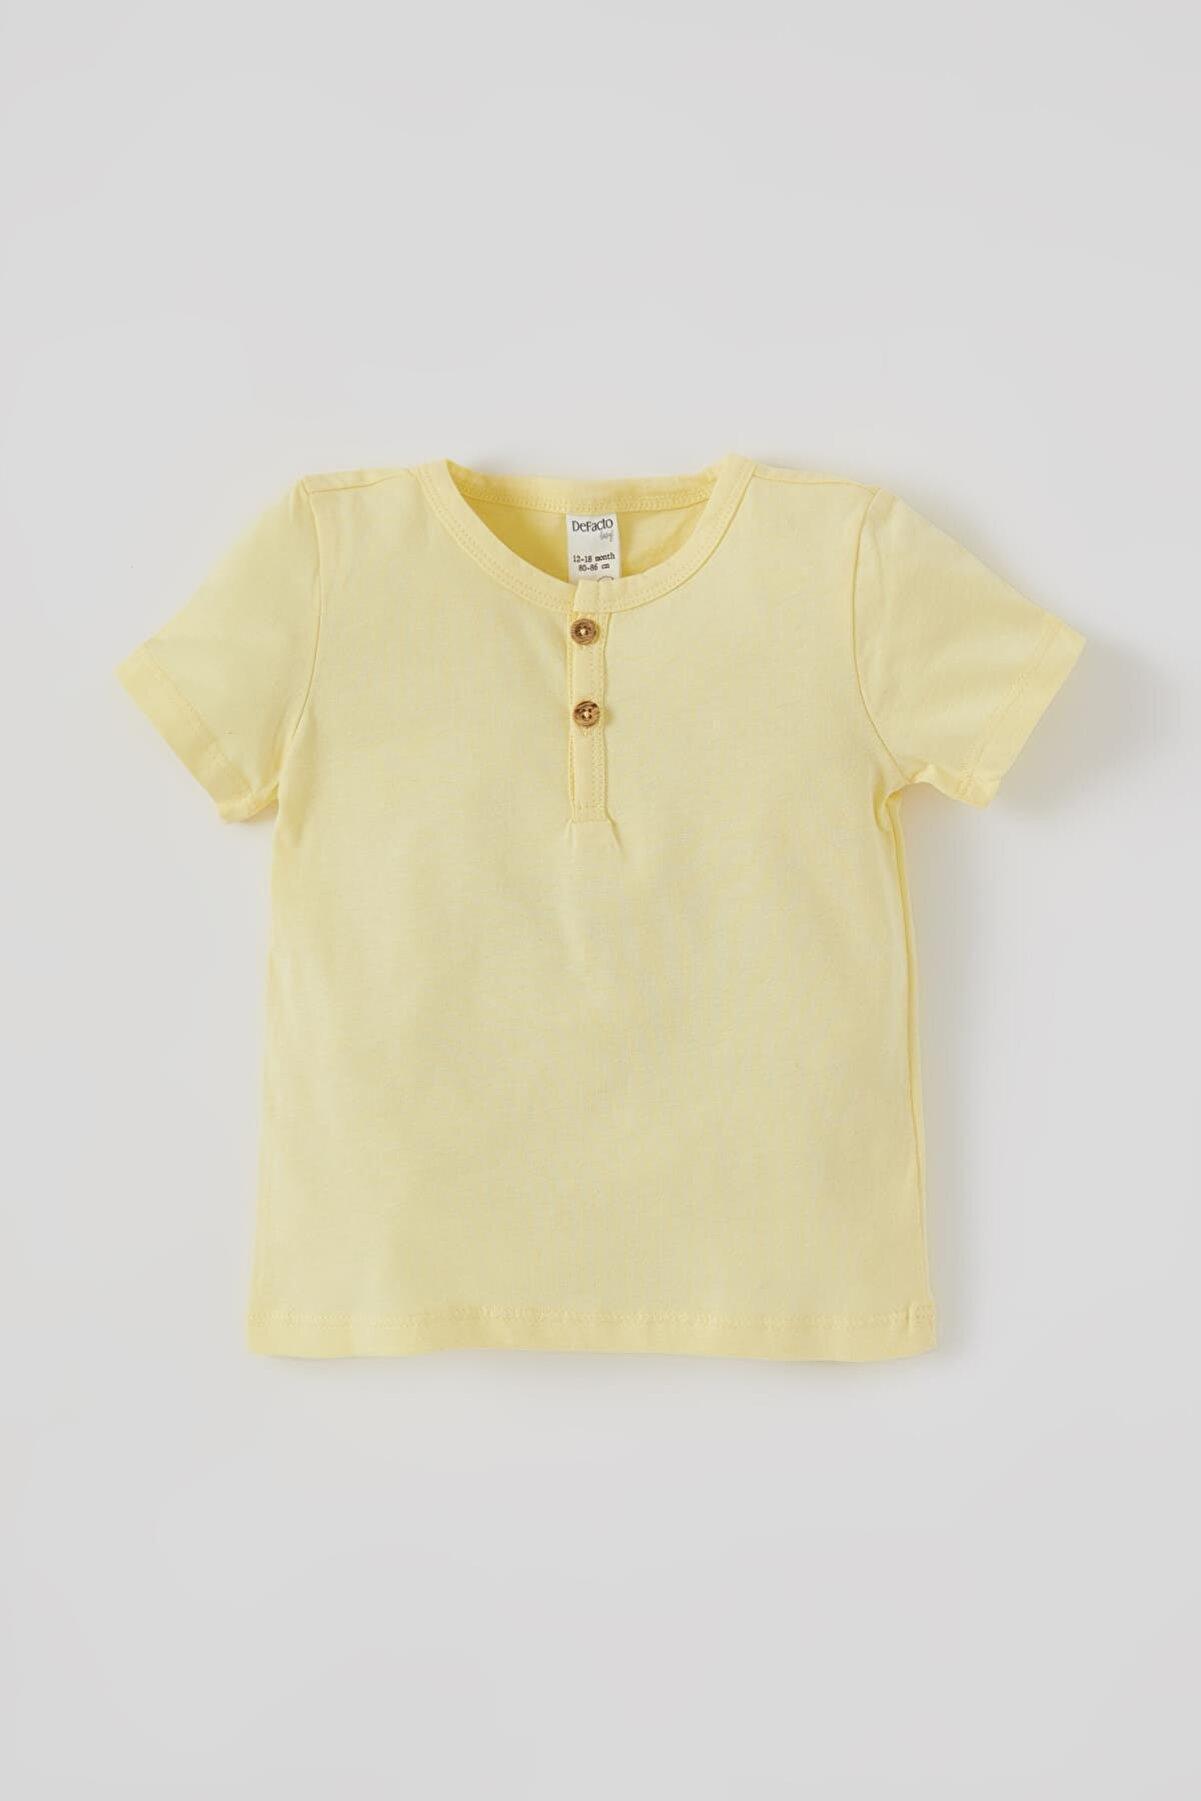 Defacto Unisex Düğmeli Kısa Kollu Pamuklu Tişört